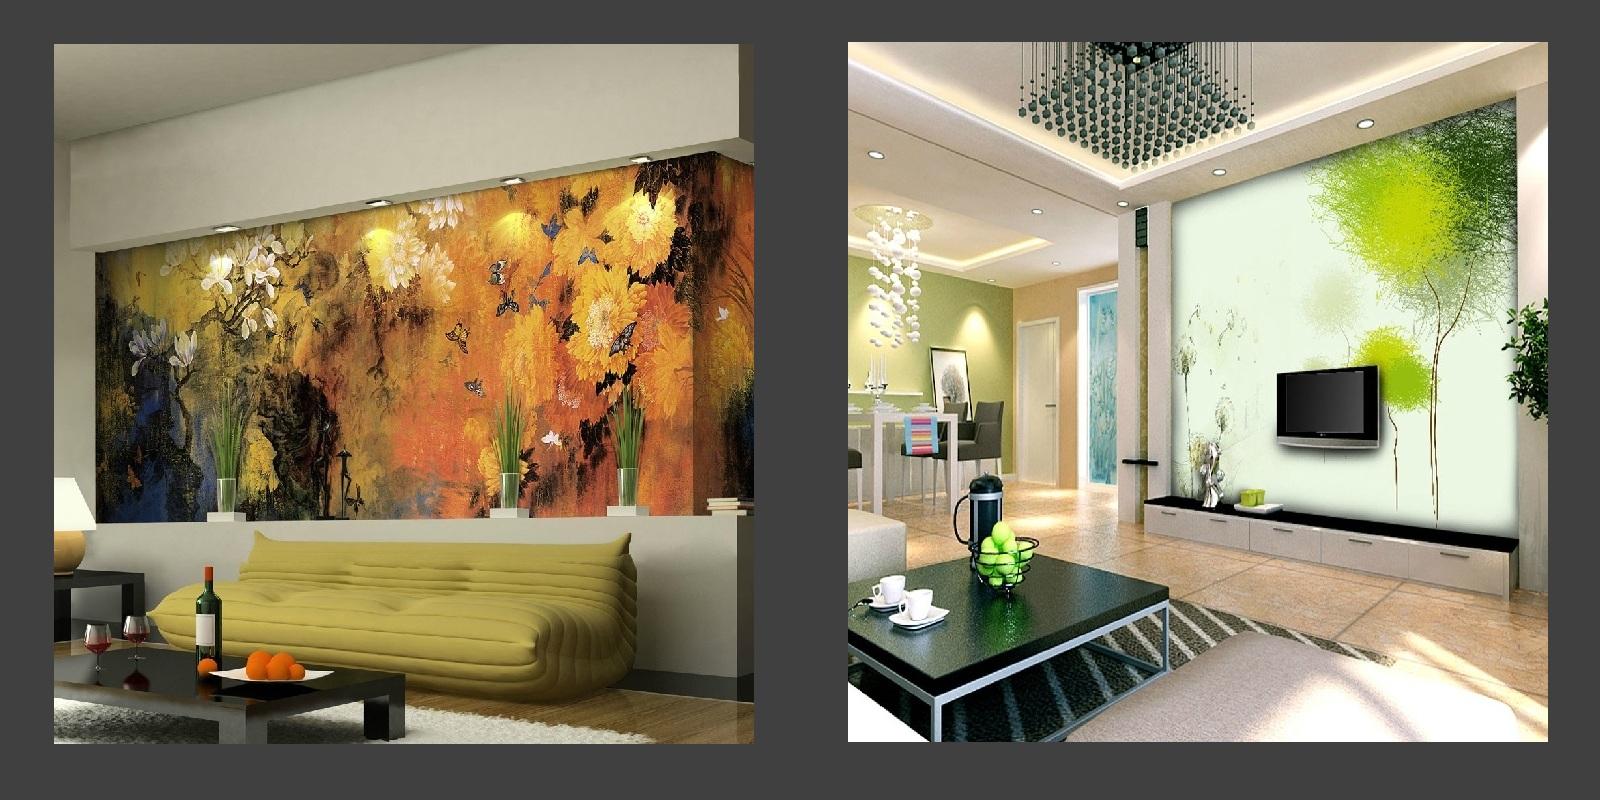 wallpaper design wallpaper design wallpaper design elegant wallpaper 1600x800